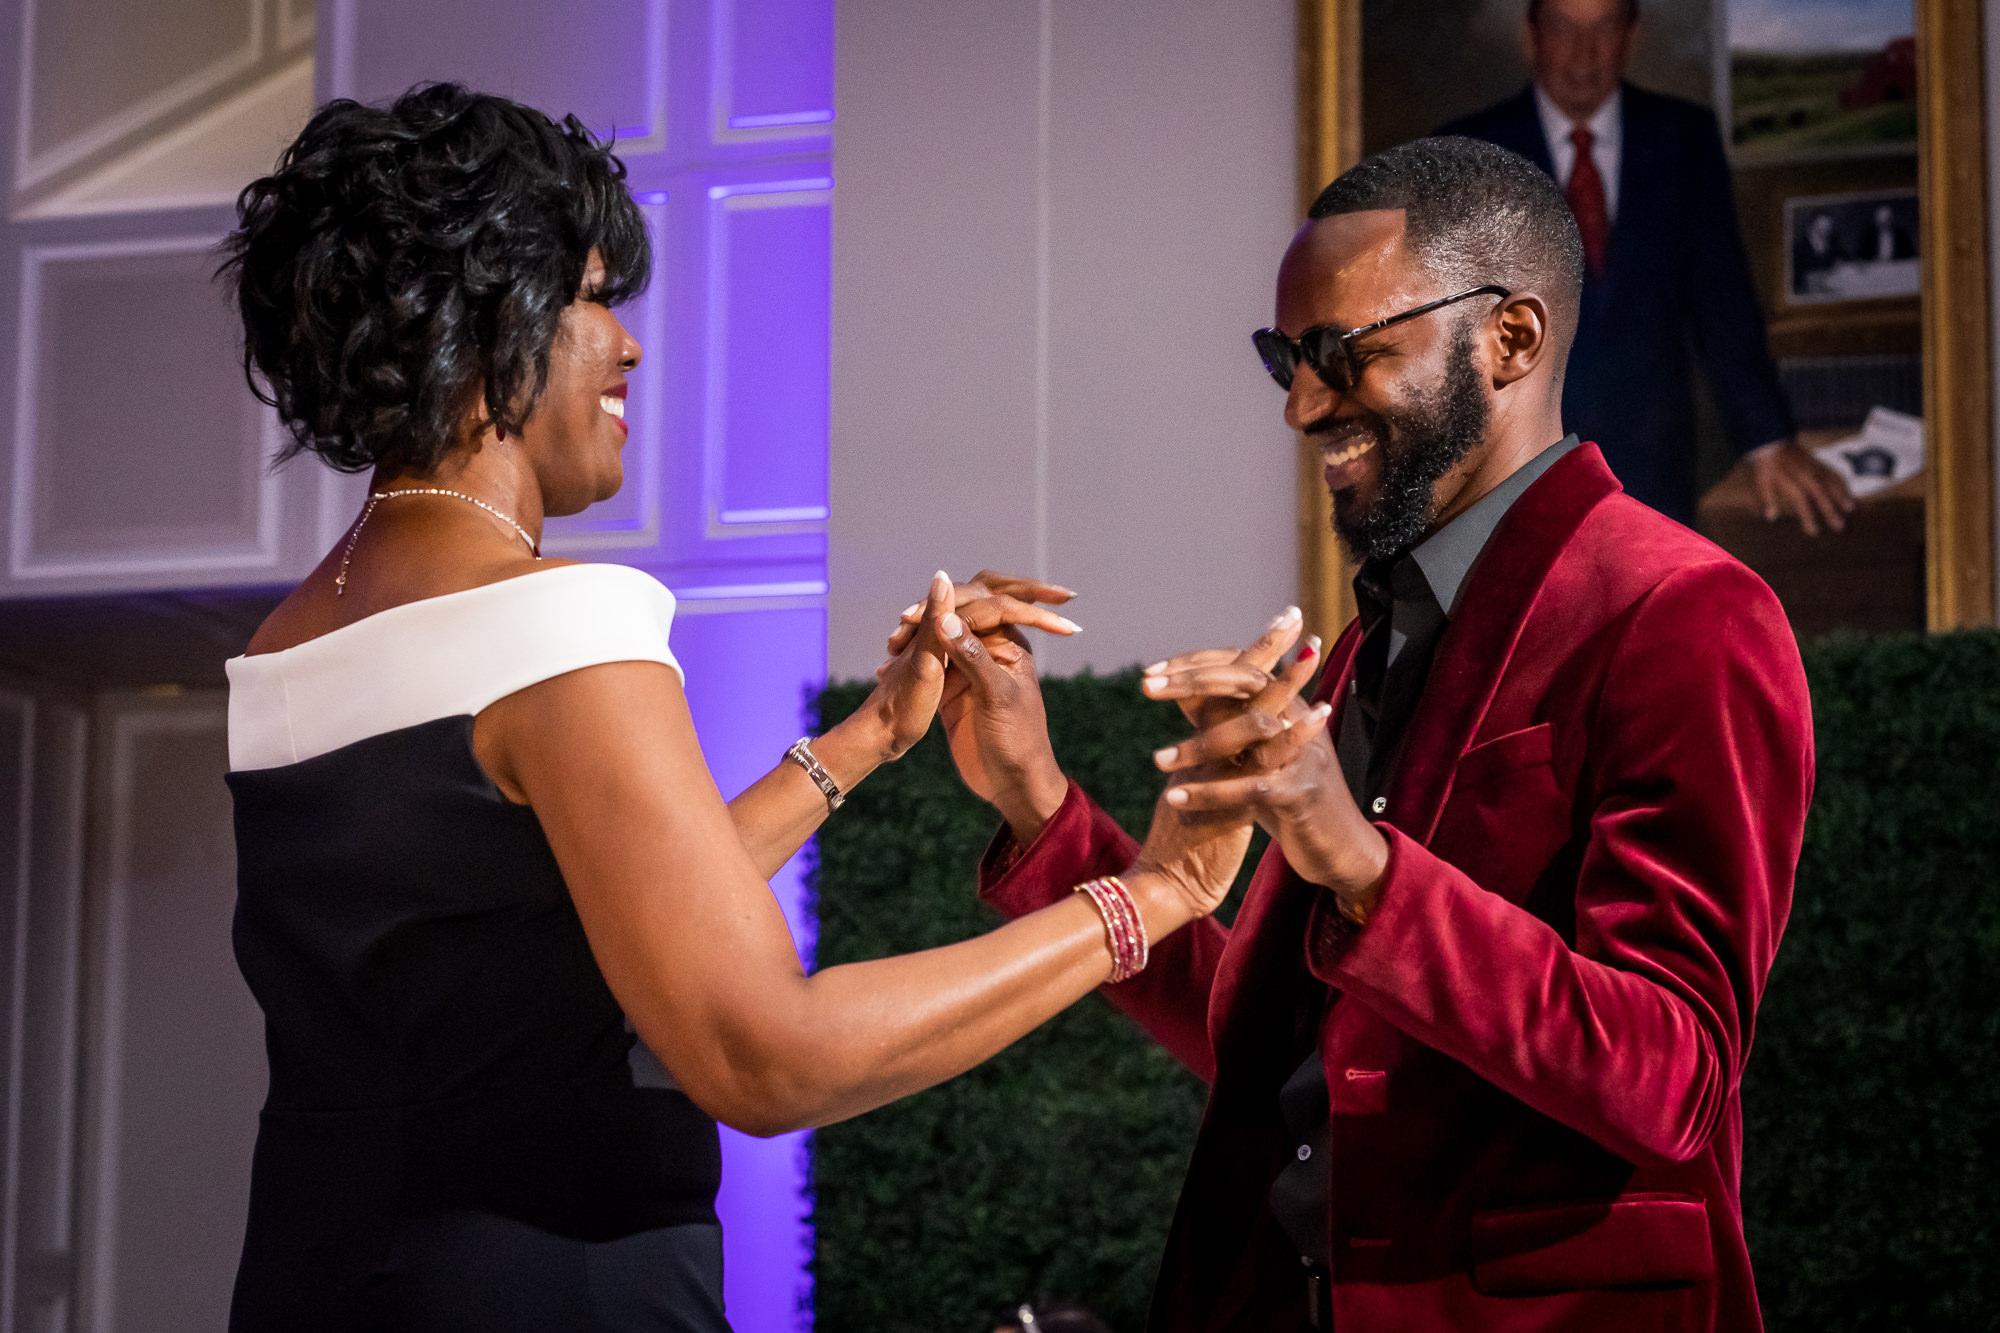 054-054-christopher-jason-studios-university-of-maryland-wedding-raheem-Devaughn-african-american-bride-and-groom.jpg